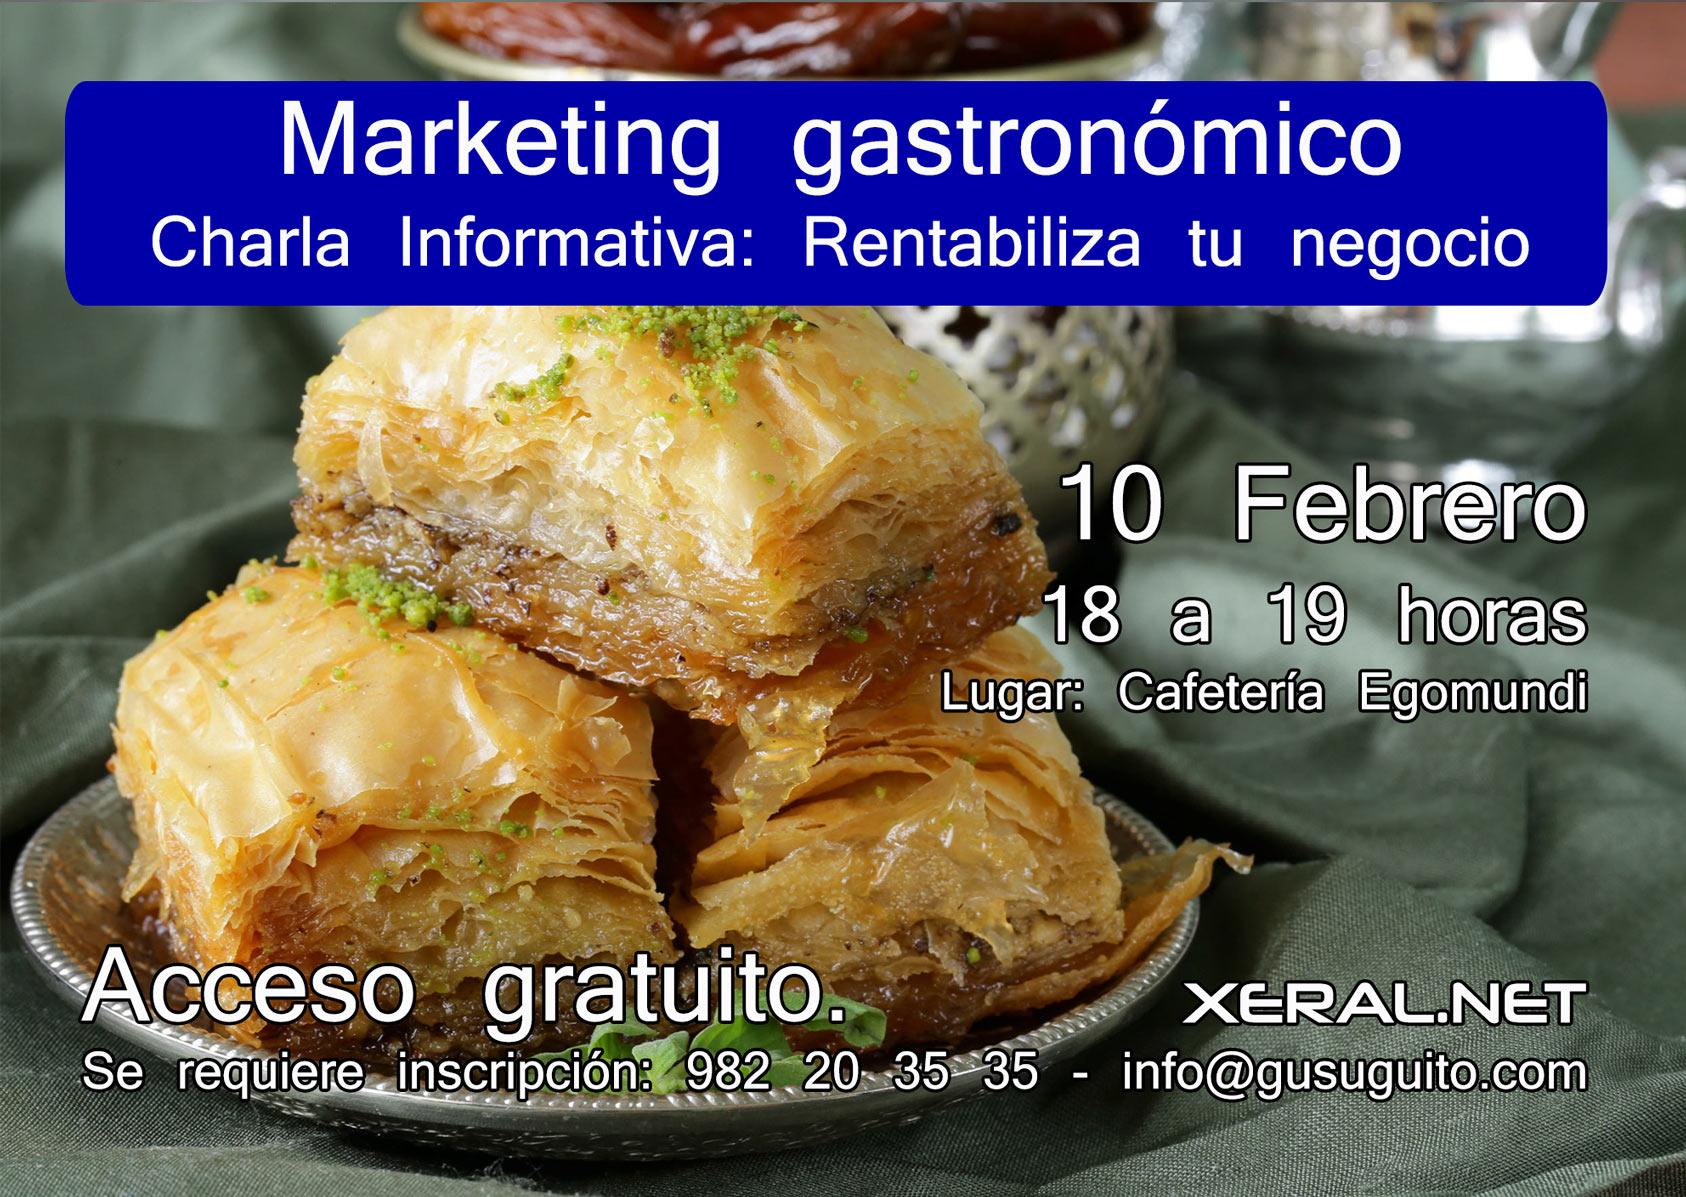 Marketing Gastronómico rentabiliza tu negocio